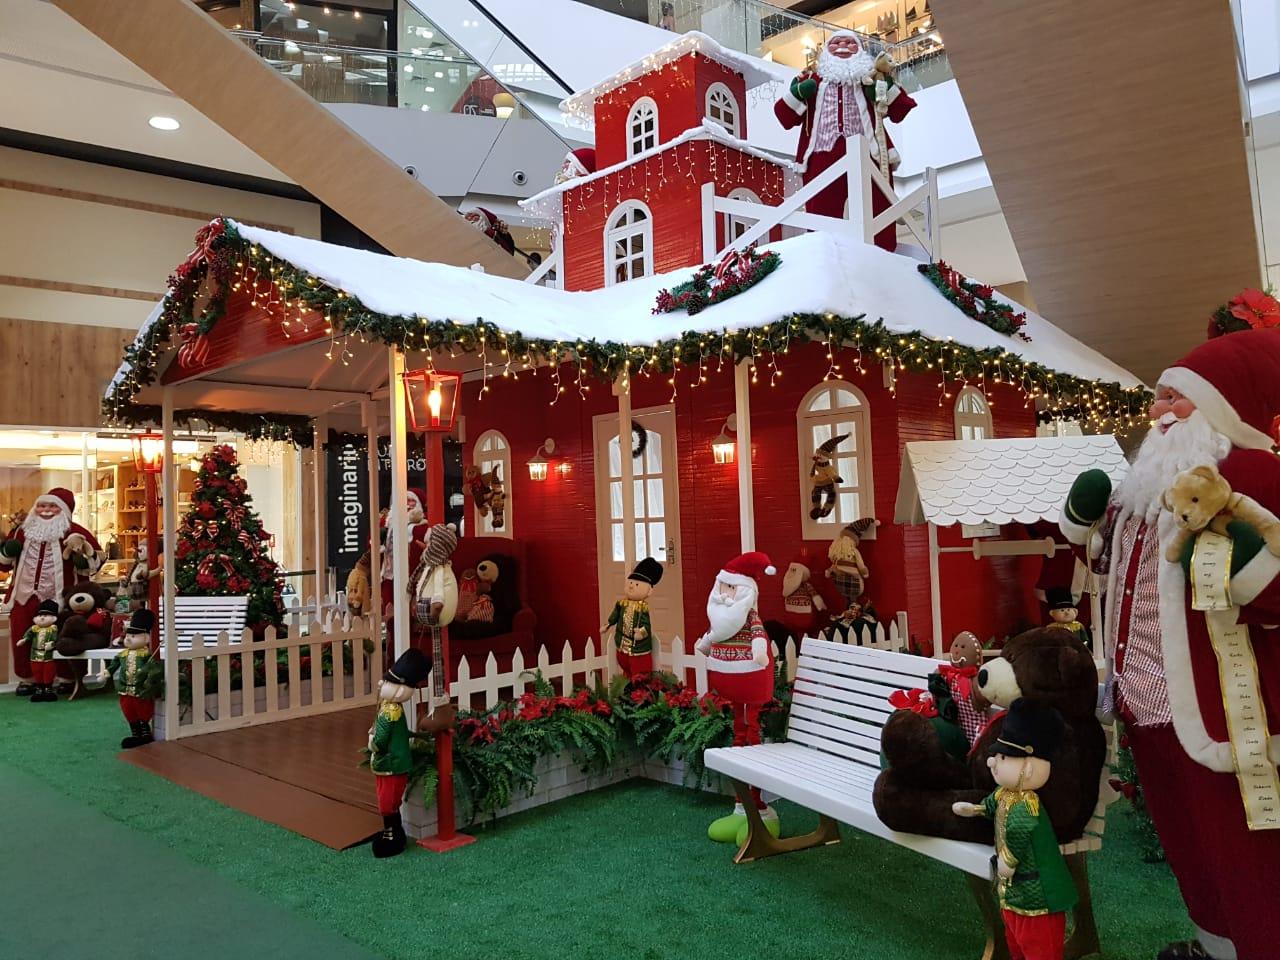 1233c419 805c 4a56 974b 79103dcc6b91 - Mangabeira Shopping inaugura decoração natalina com programação especial neste domingo